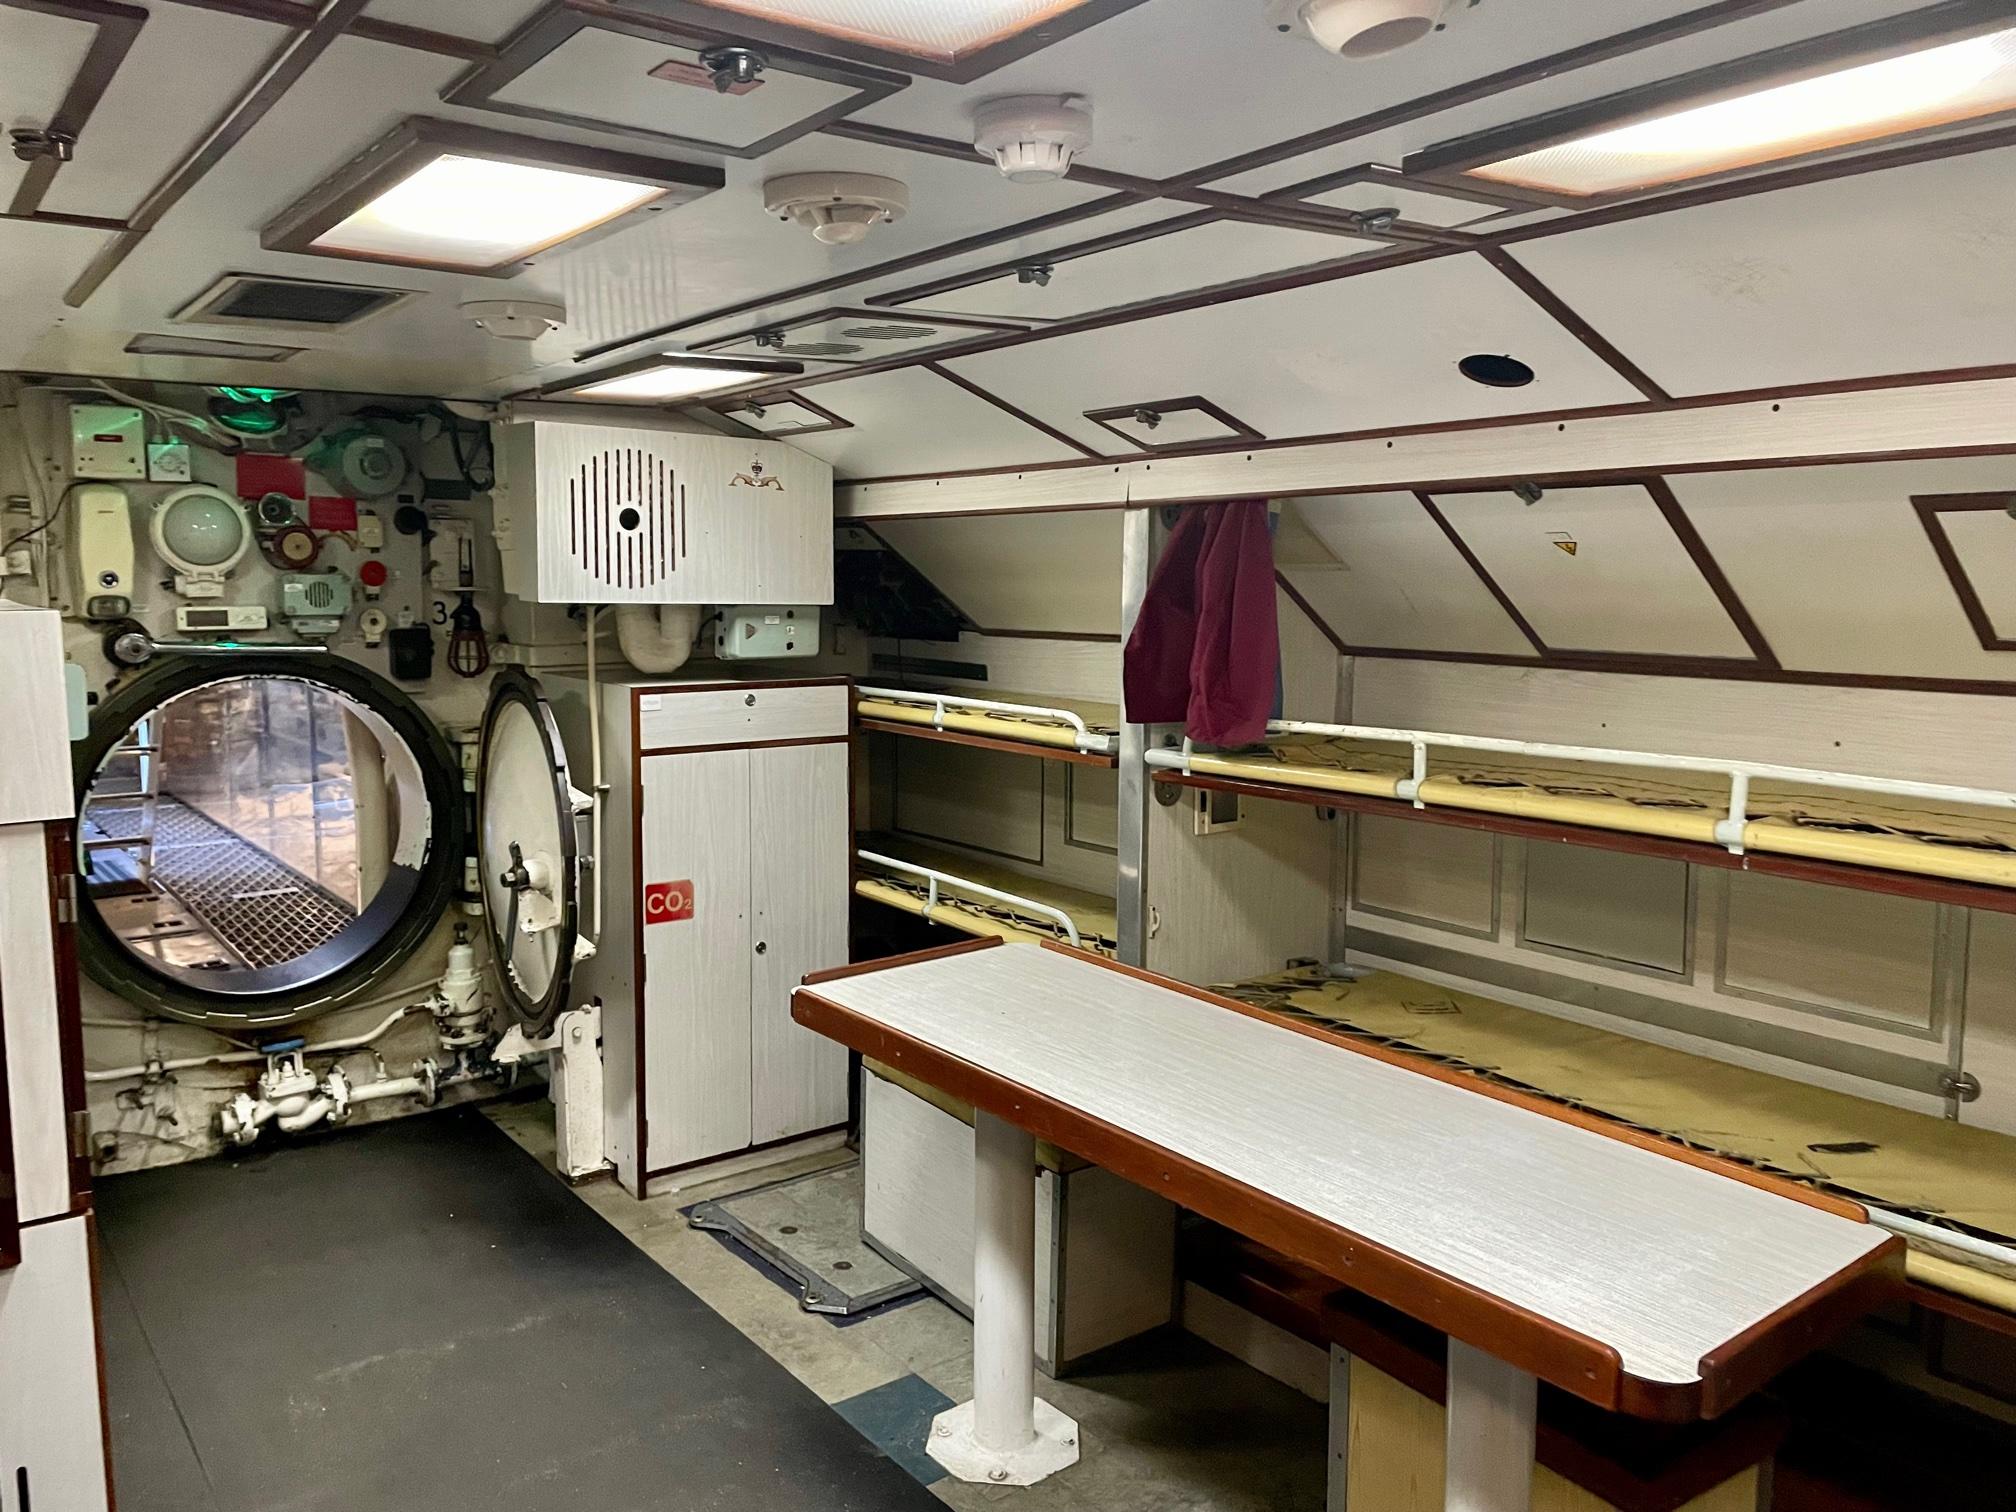 Ocelot submarine